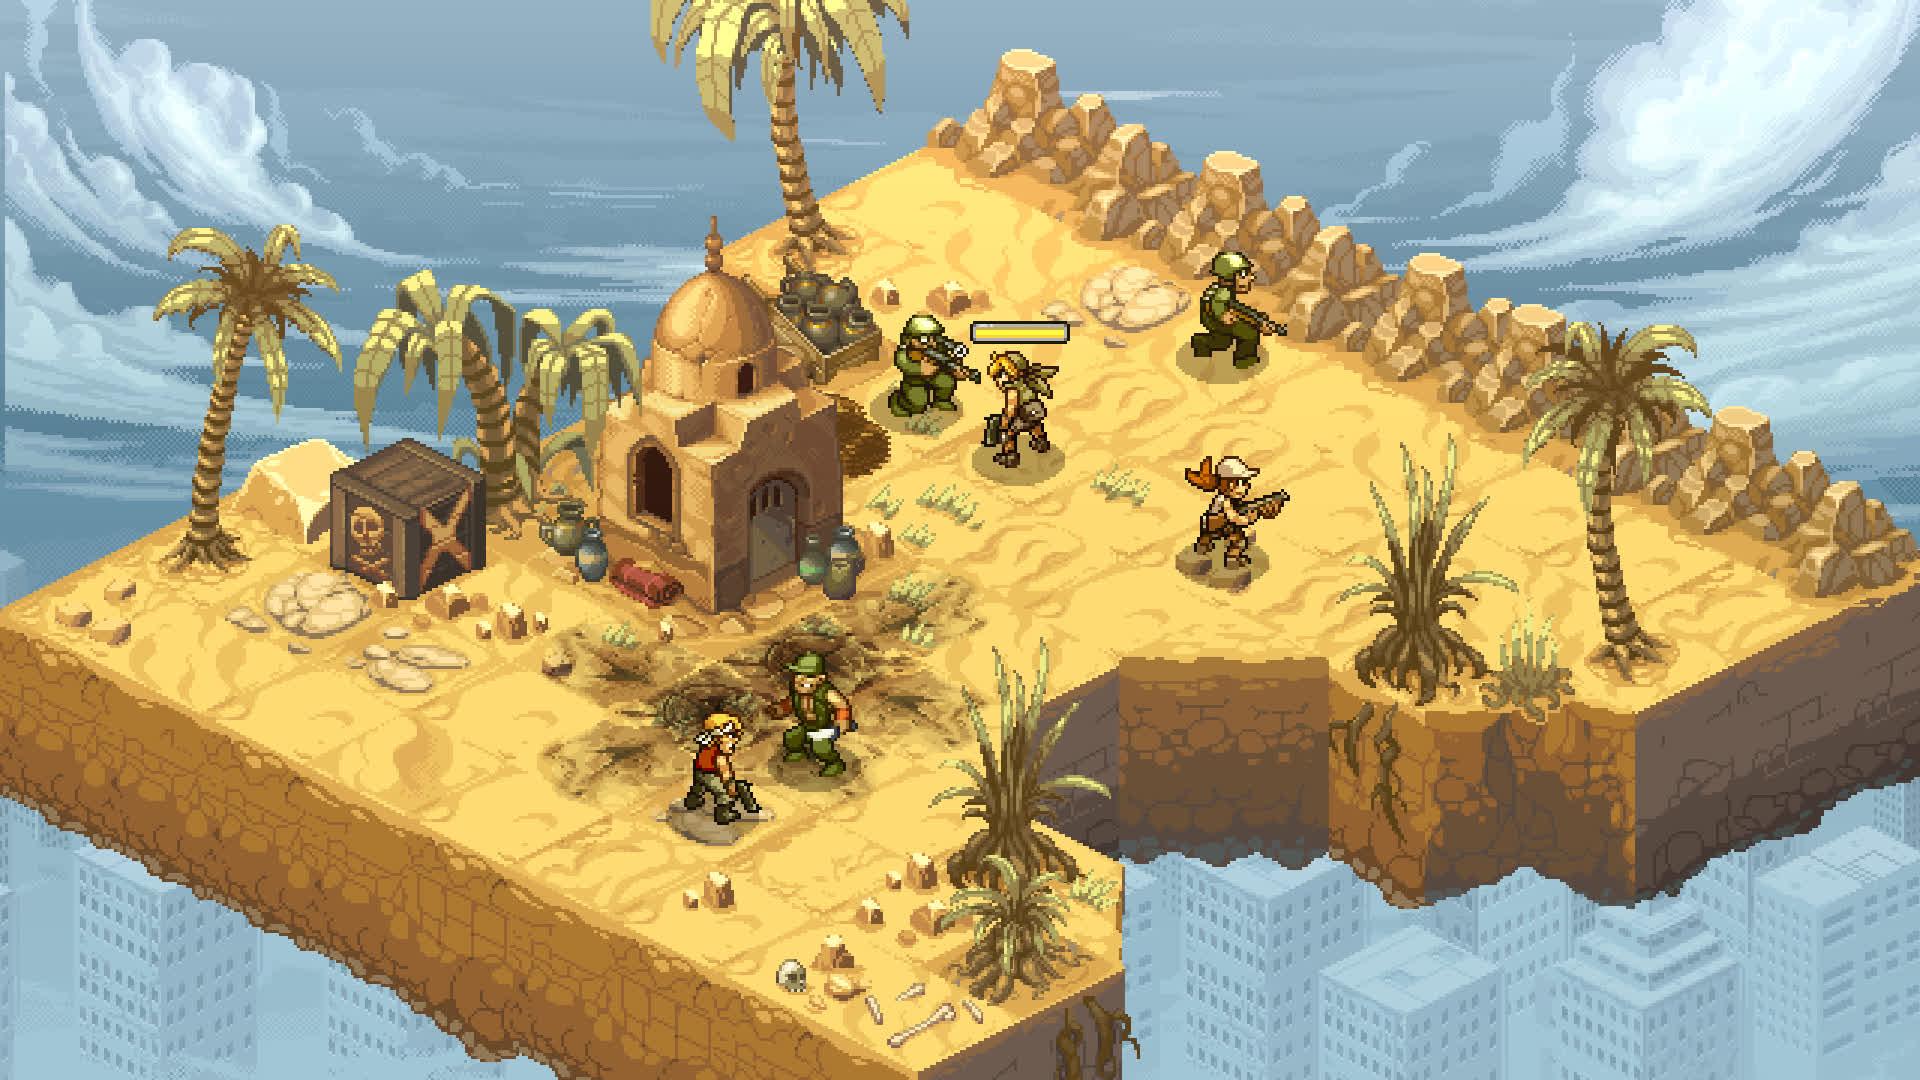 Rambo Lùn bản mới khiến game thủ toàn cầu bất ngờ: từ game xông pha bất cần đời trở thành game chiến thuật - Ảnh 2.